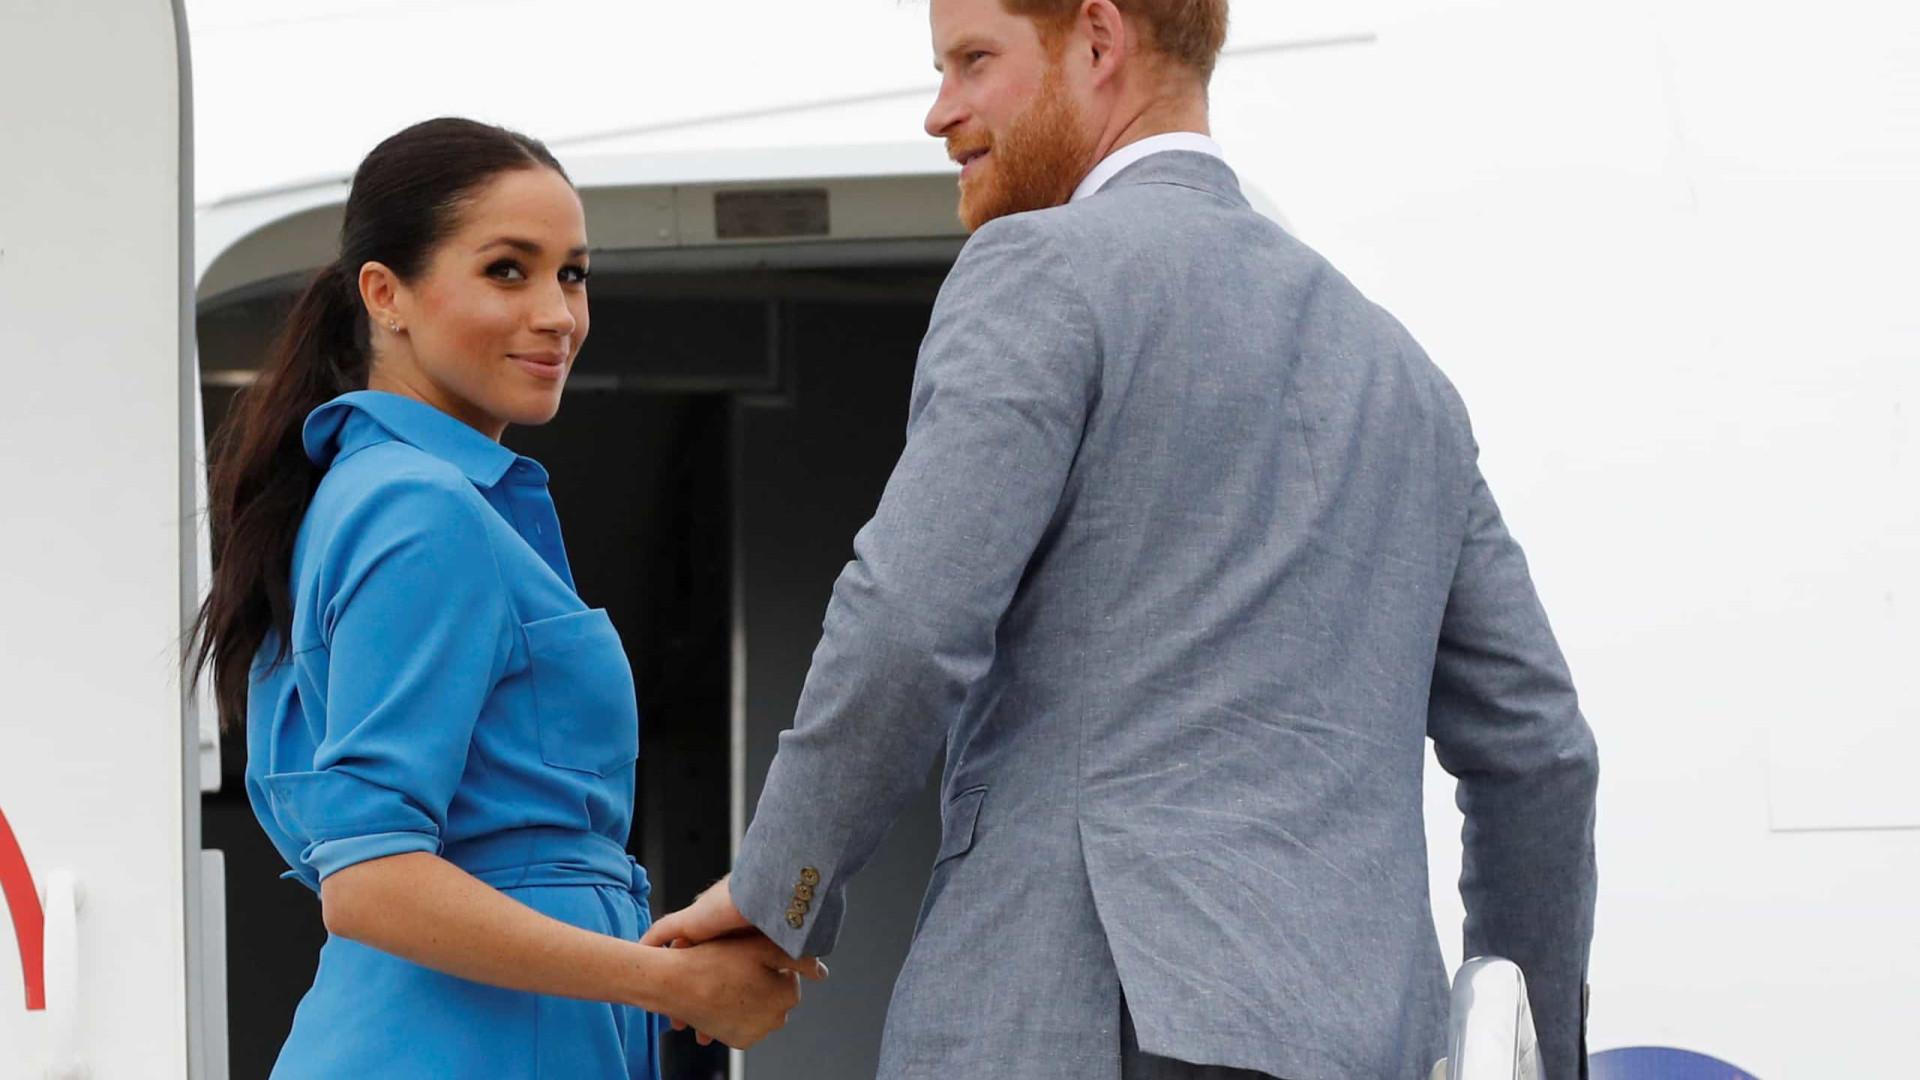 Príncipe Harry responde a críticas por viajar em avião privado